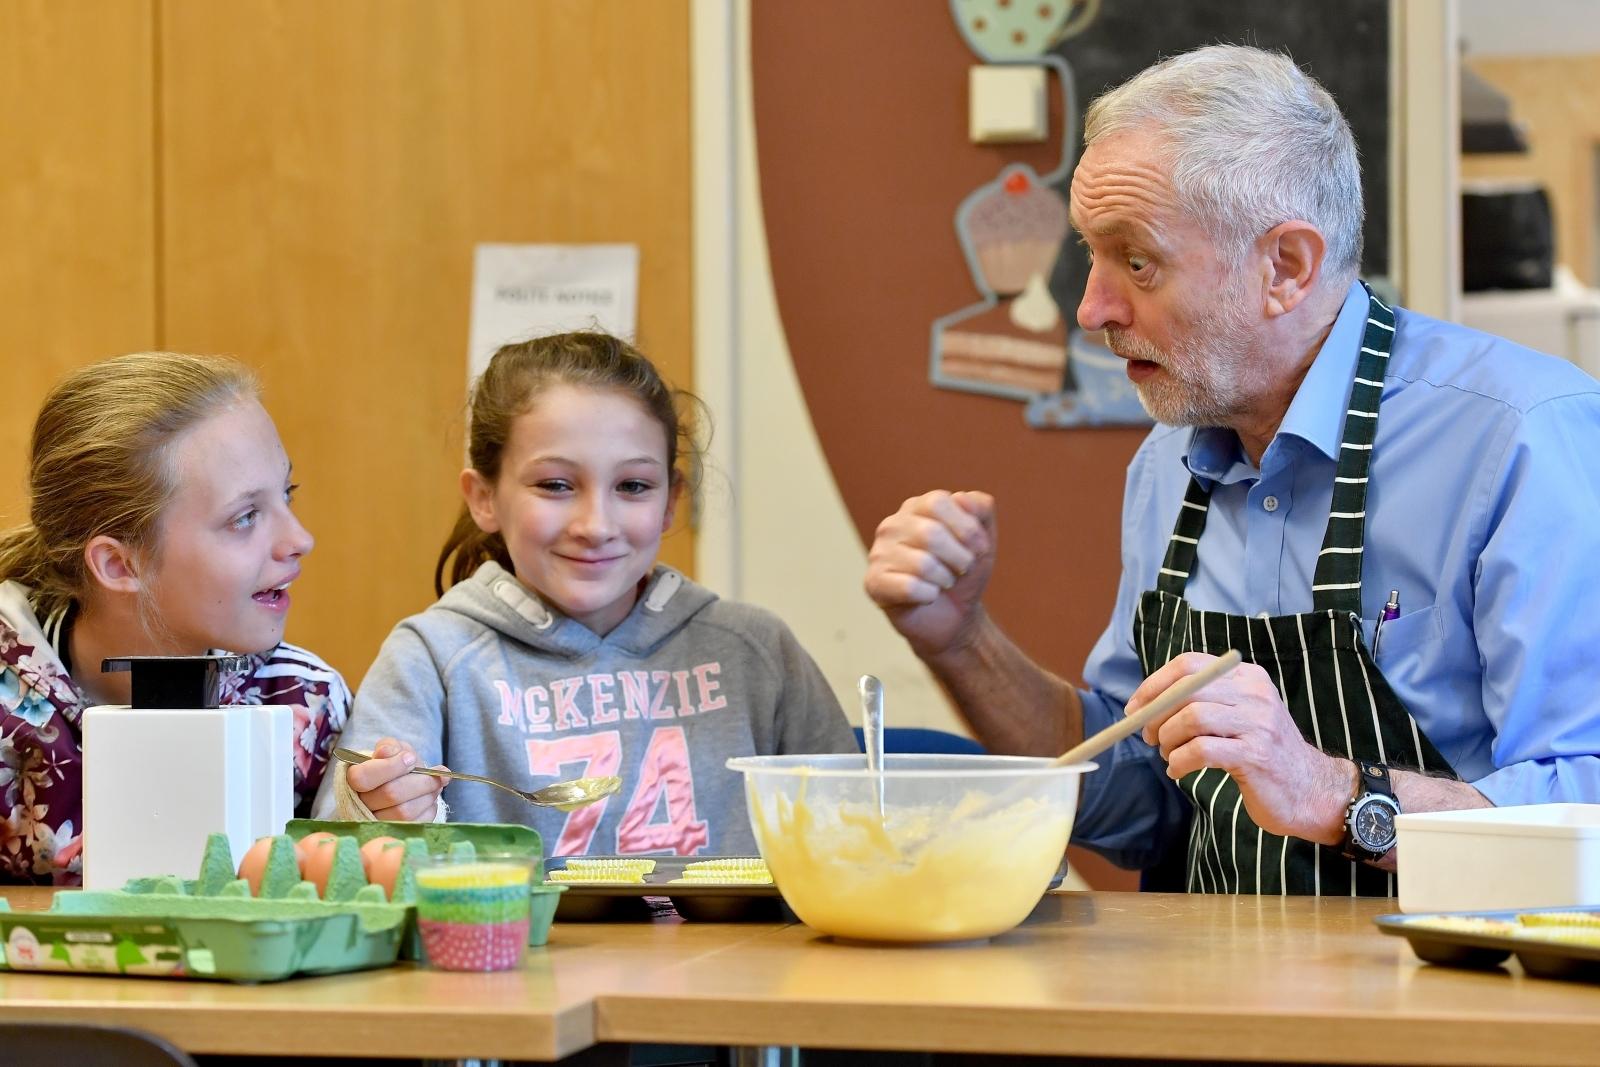 Jeremy Corbyn bakes a cake